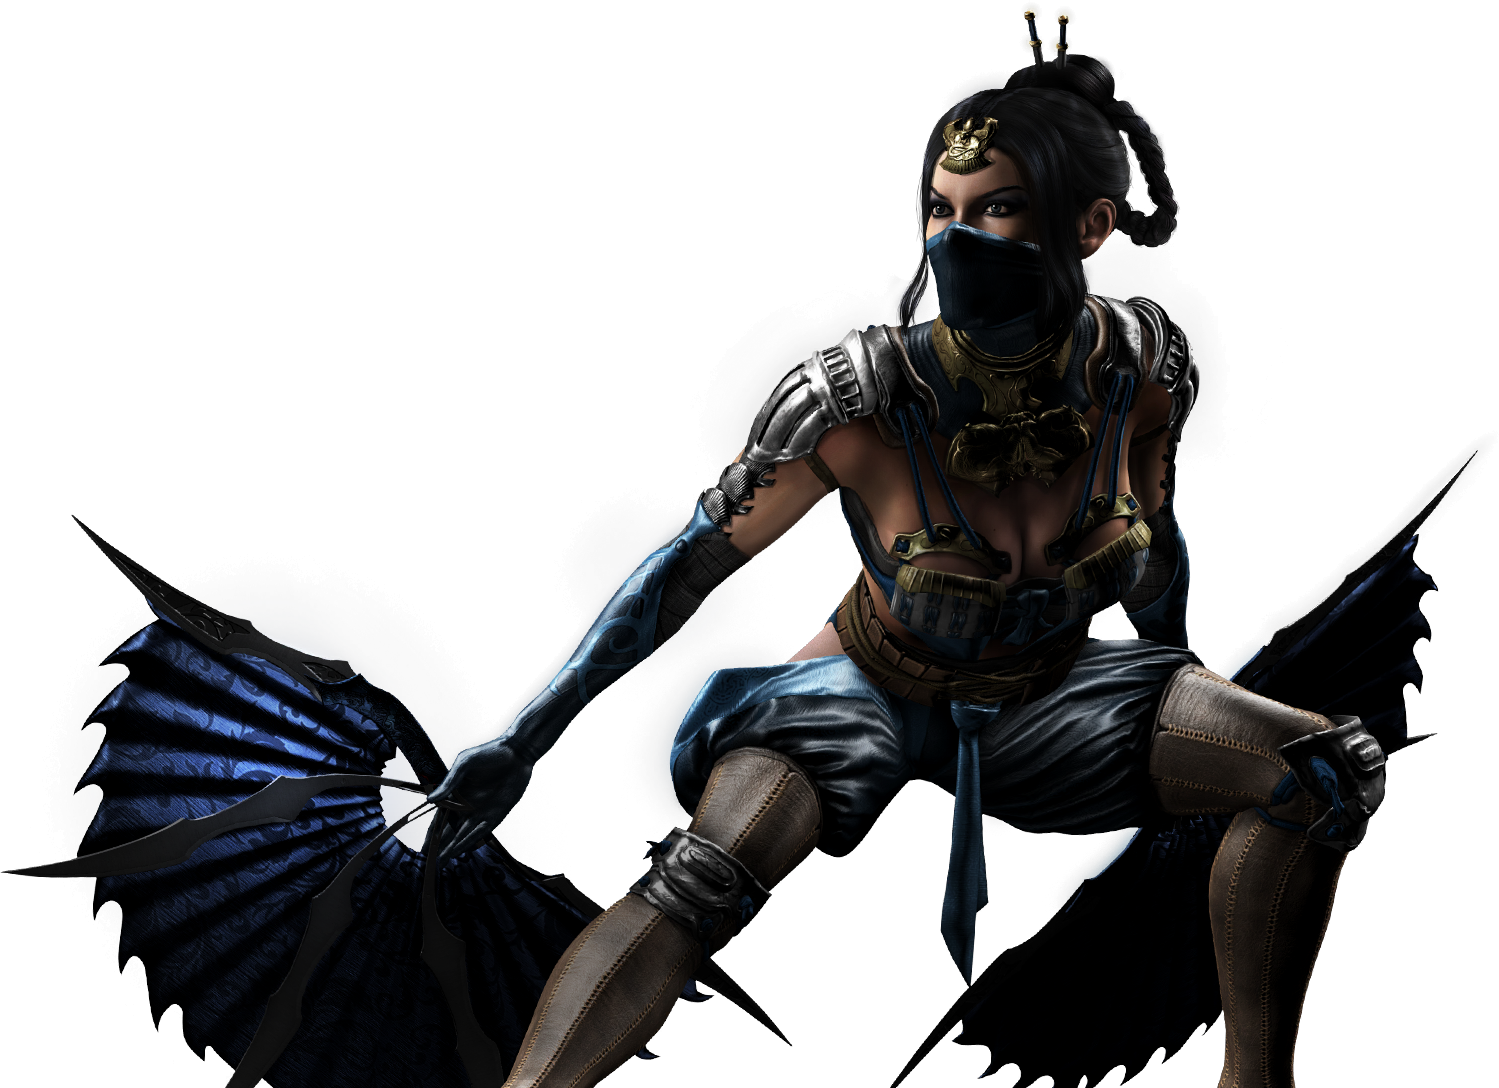 Kitana/Current Timeline | Mortal Kombat Wiki | FANDOM powered by Wikia